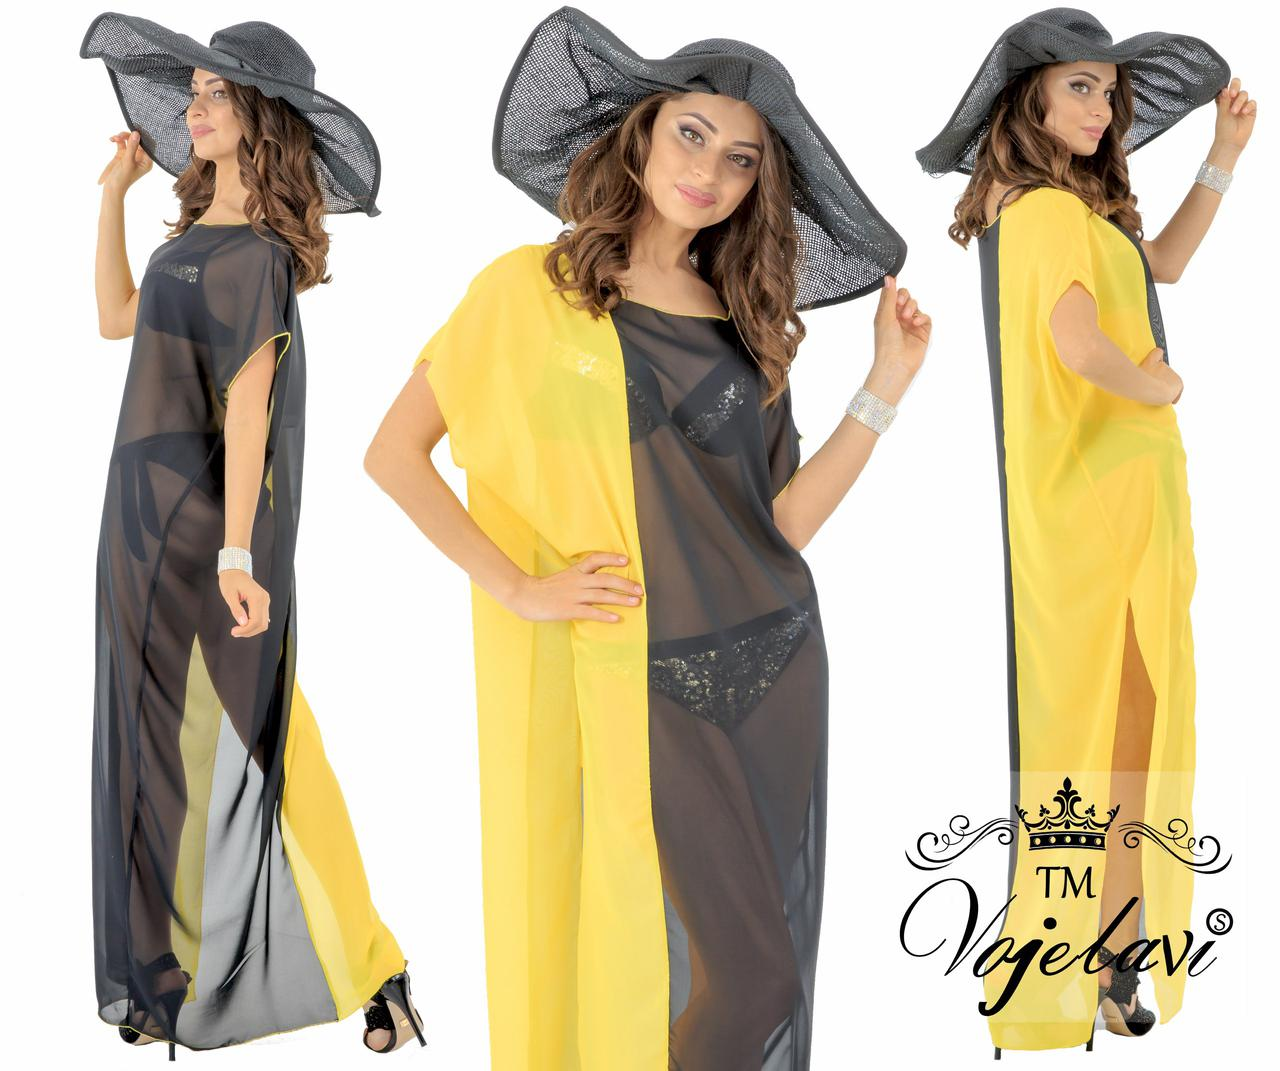 447312eb96154e1 Пляжное женское платье на лето № 1597 - Оптово-розничный интернет-магазин  спортивной одежды